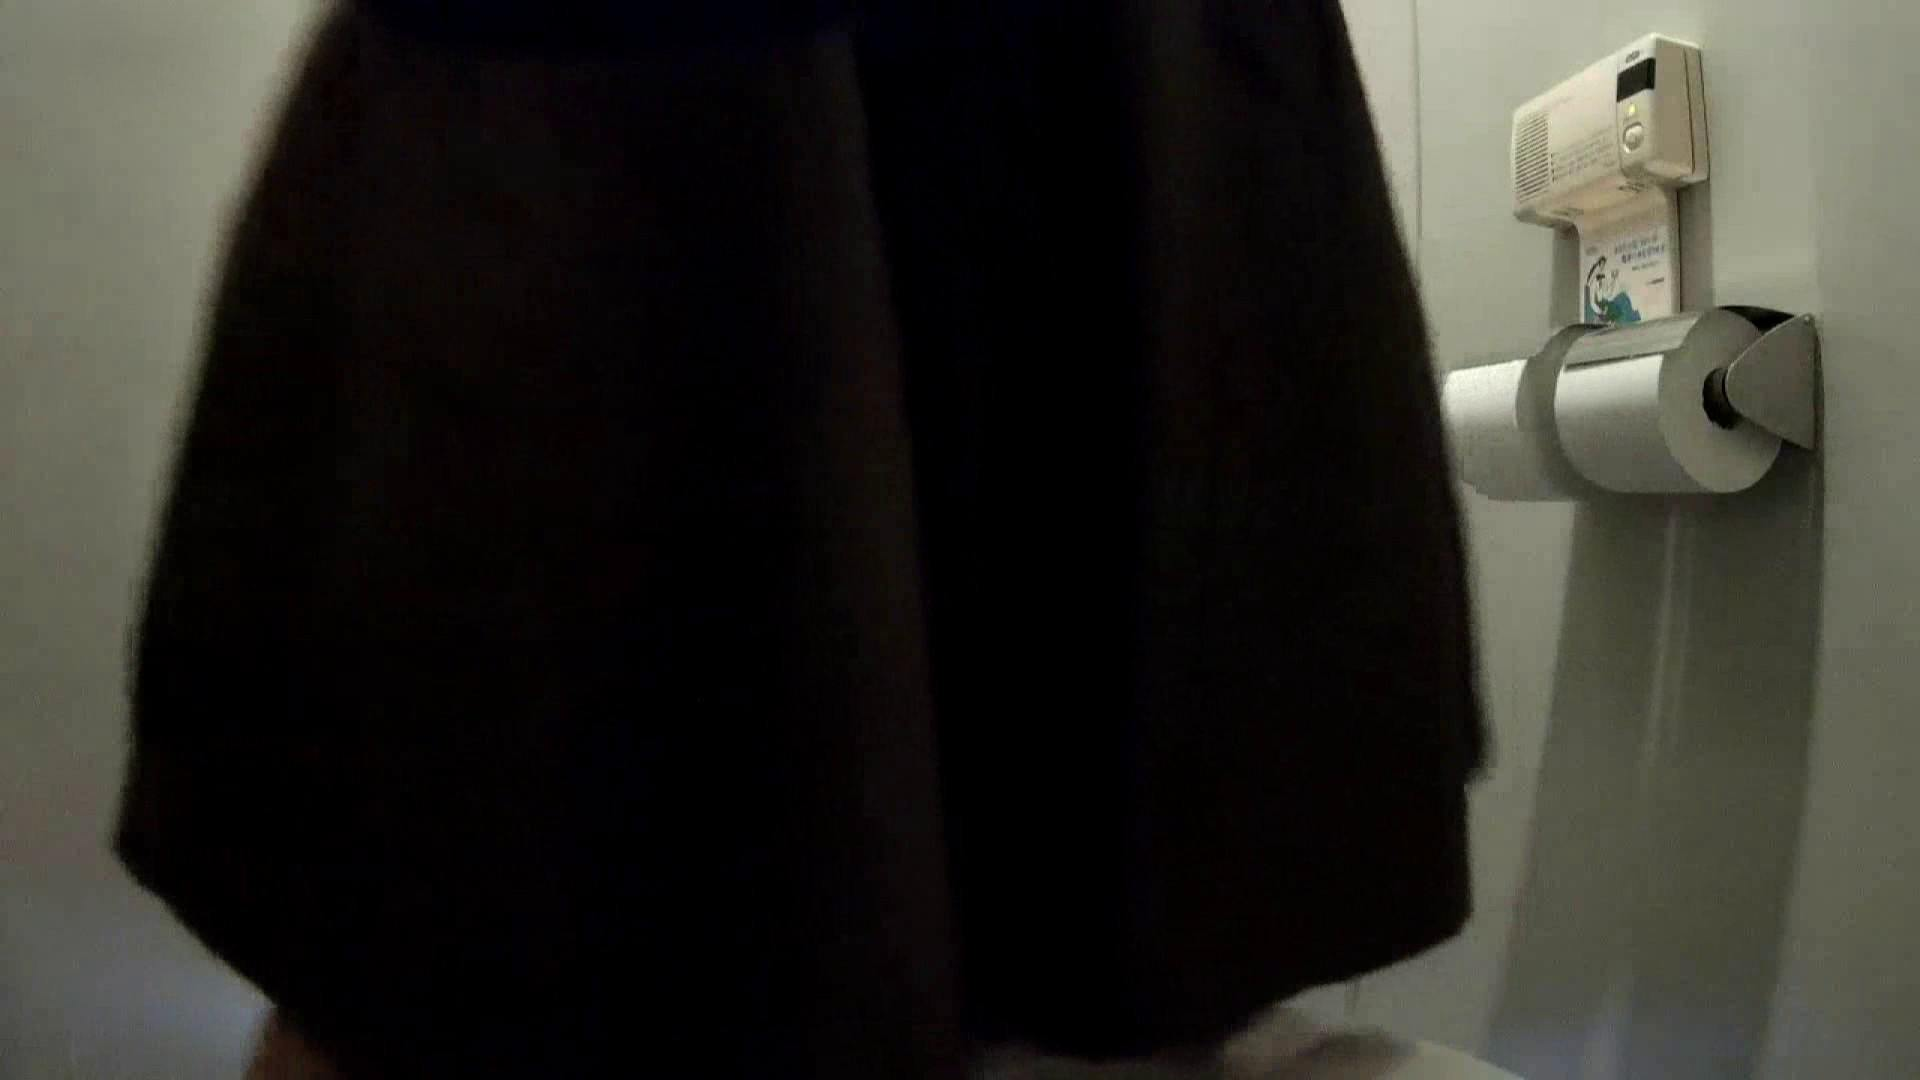 有名大学女性洗面所 vol.45 冴え渡る多方向撮影!職人技です。 OL  86連発 71